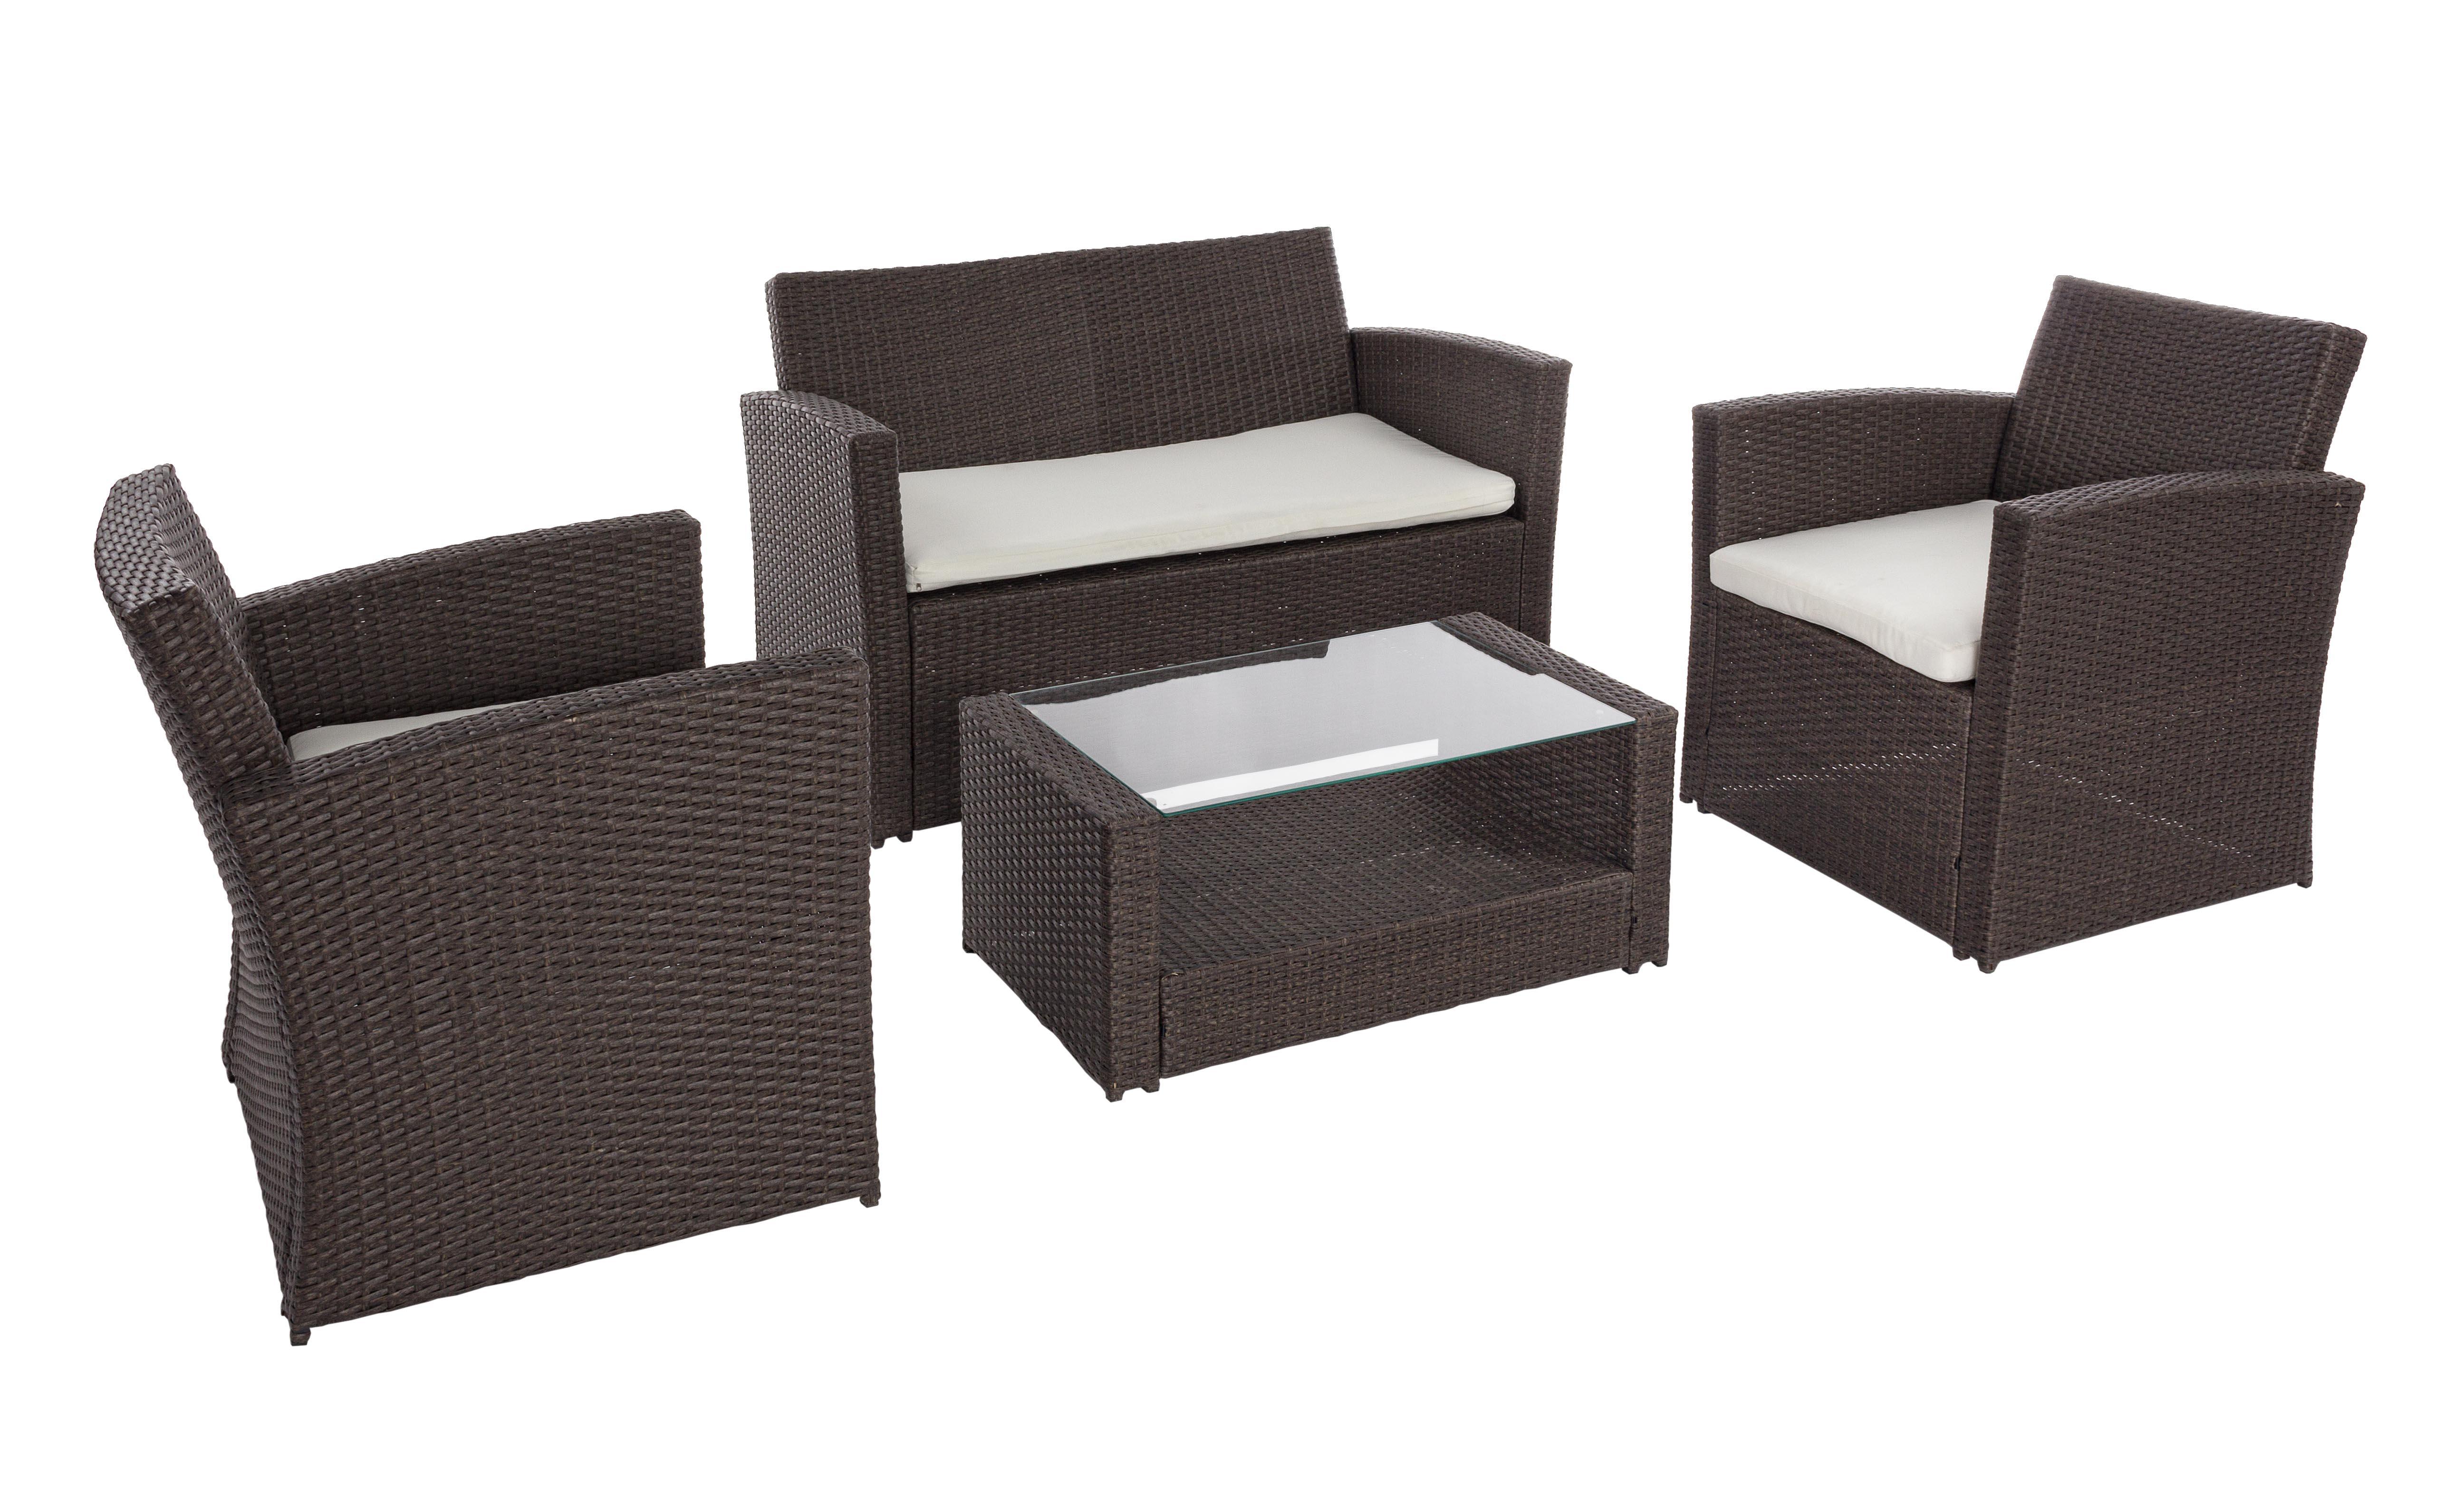 Salotto giardino esterno set 4 pz con tavolino divanetto - Divanetti da esterno ikea ...